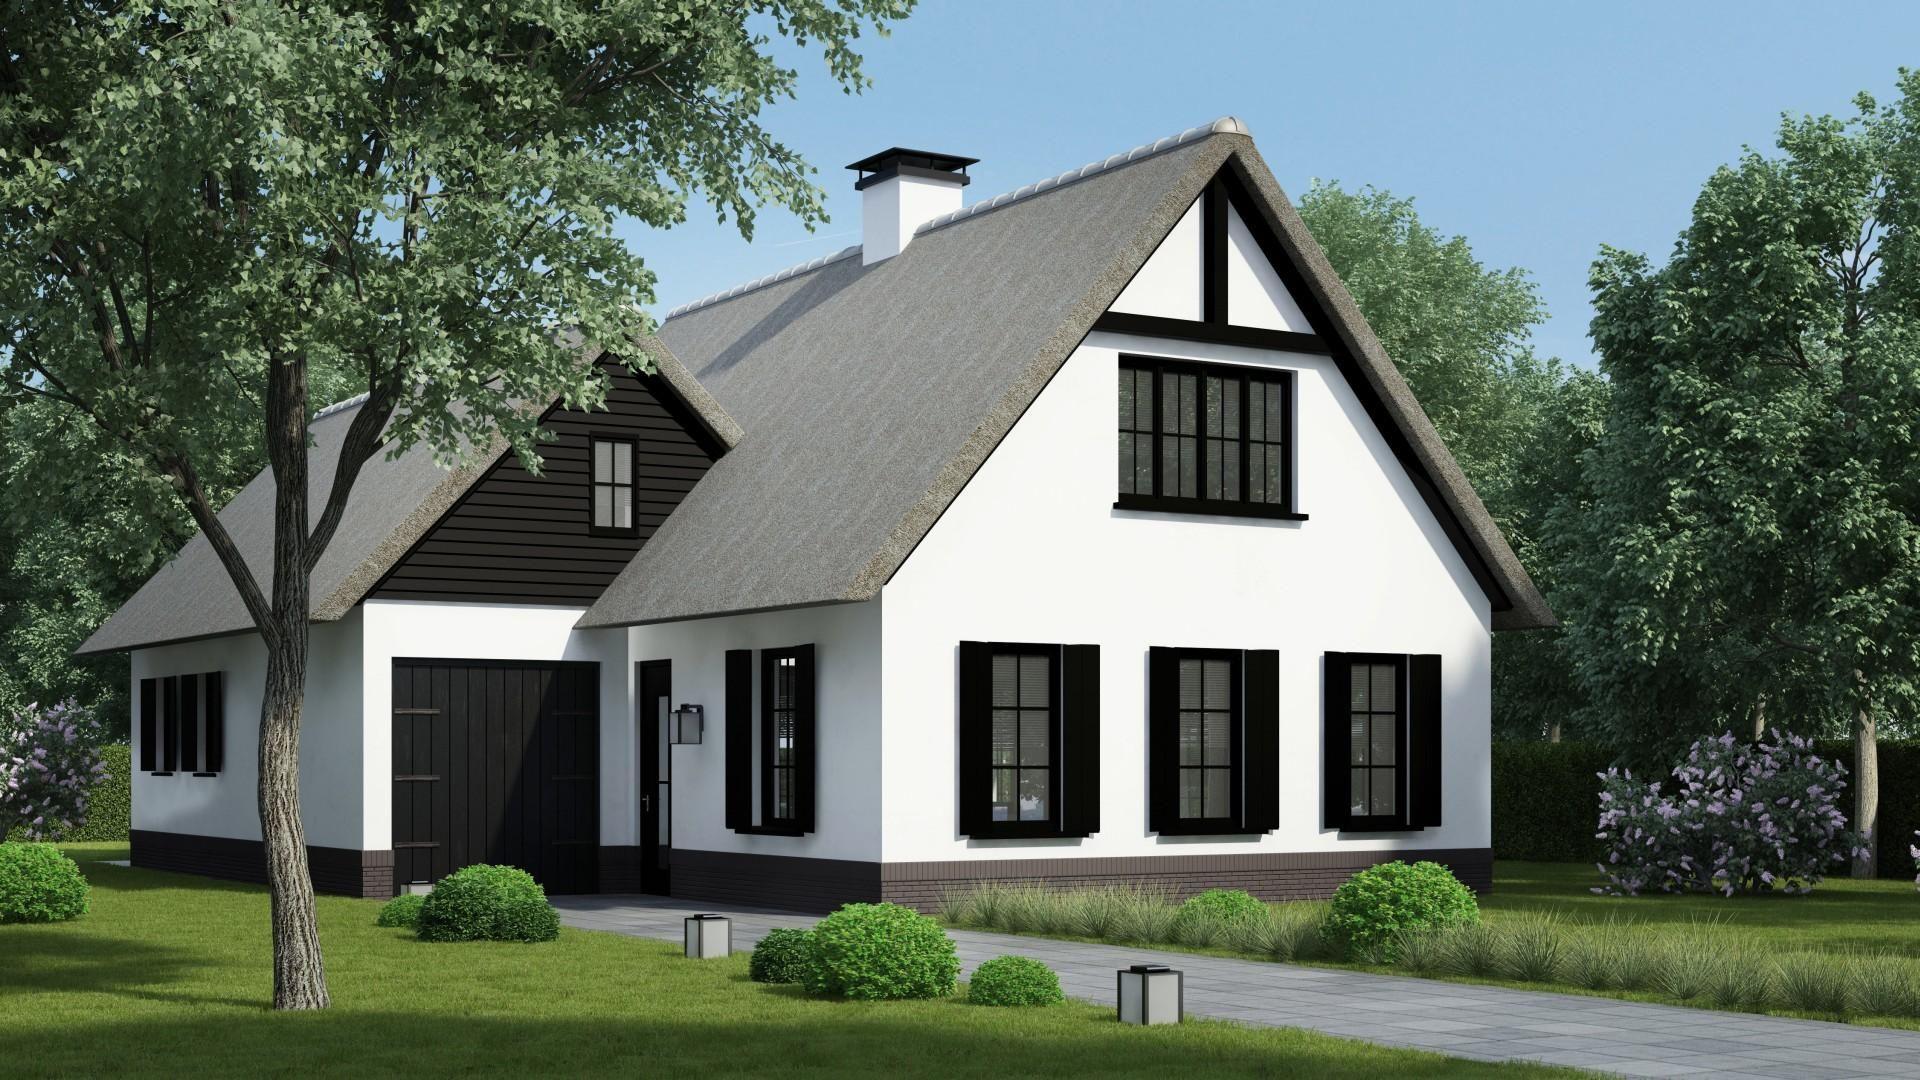 Huizen ontwerp bertram beerbaum kabaz huizen for Kleine huizen bouwen